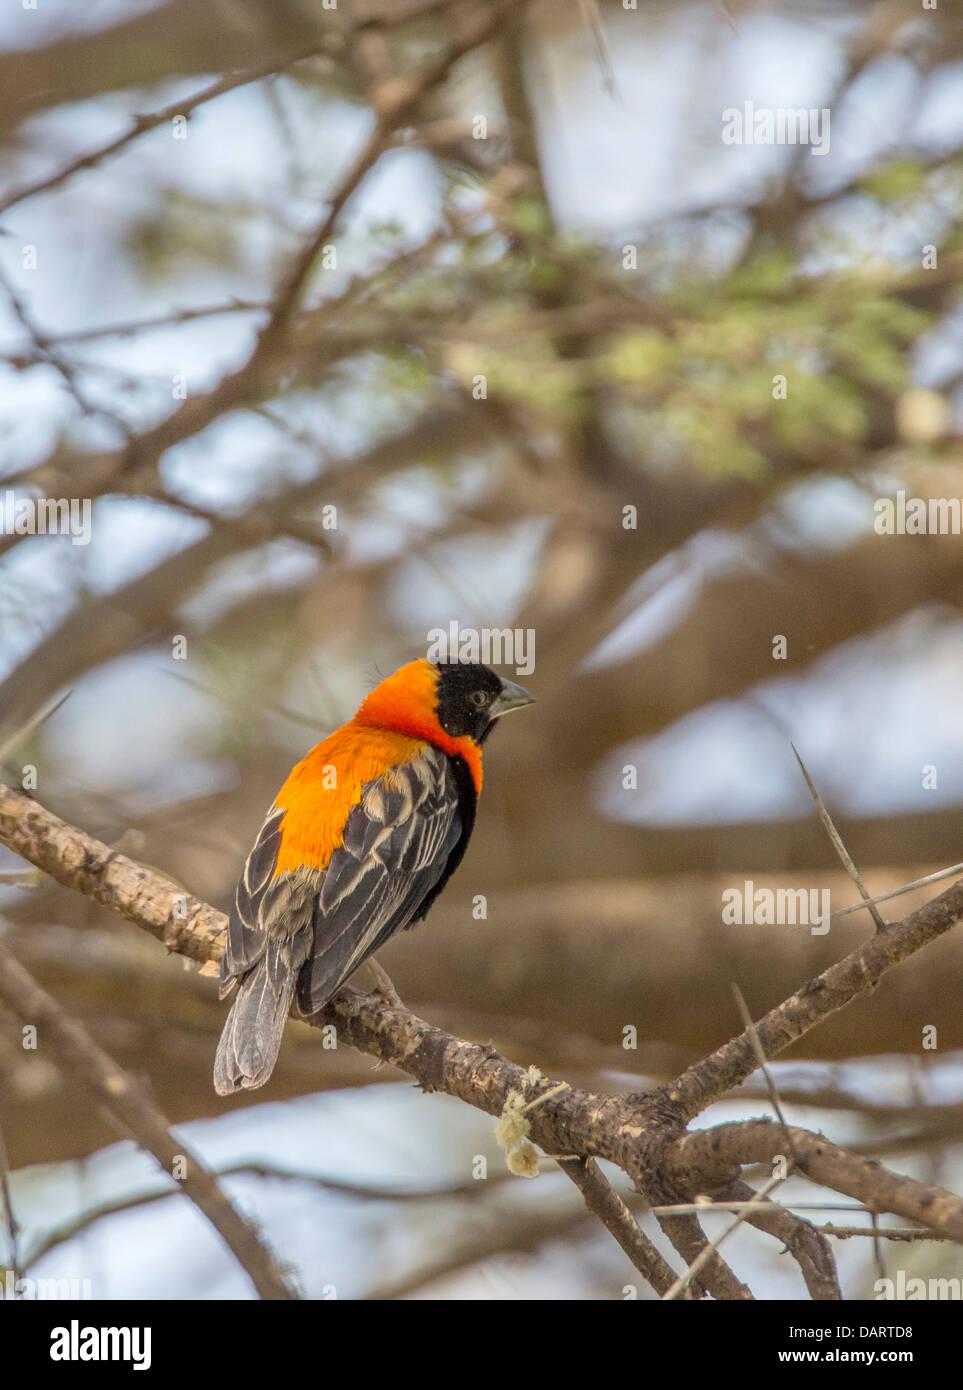 Africa, Tanzania. Lake Manyara National Park. Southern Red Bishop (Euplectes orix). - Stock Image